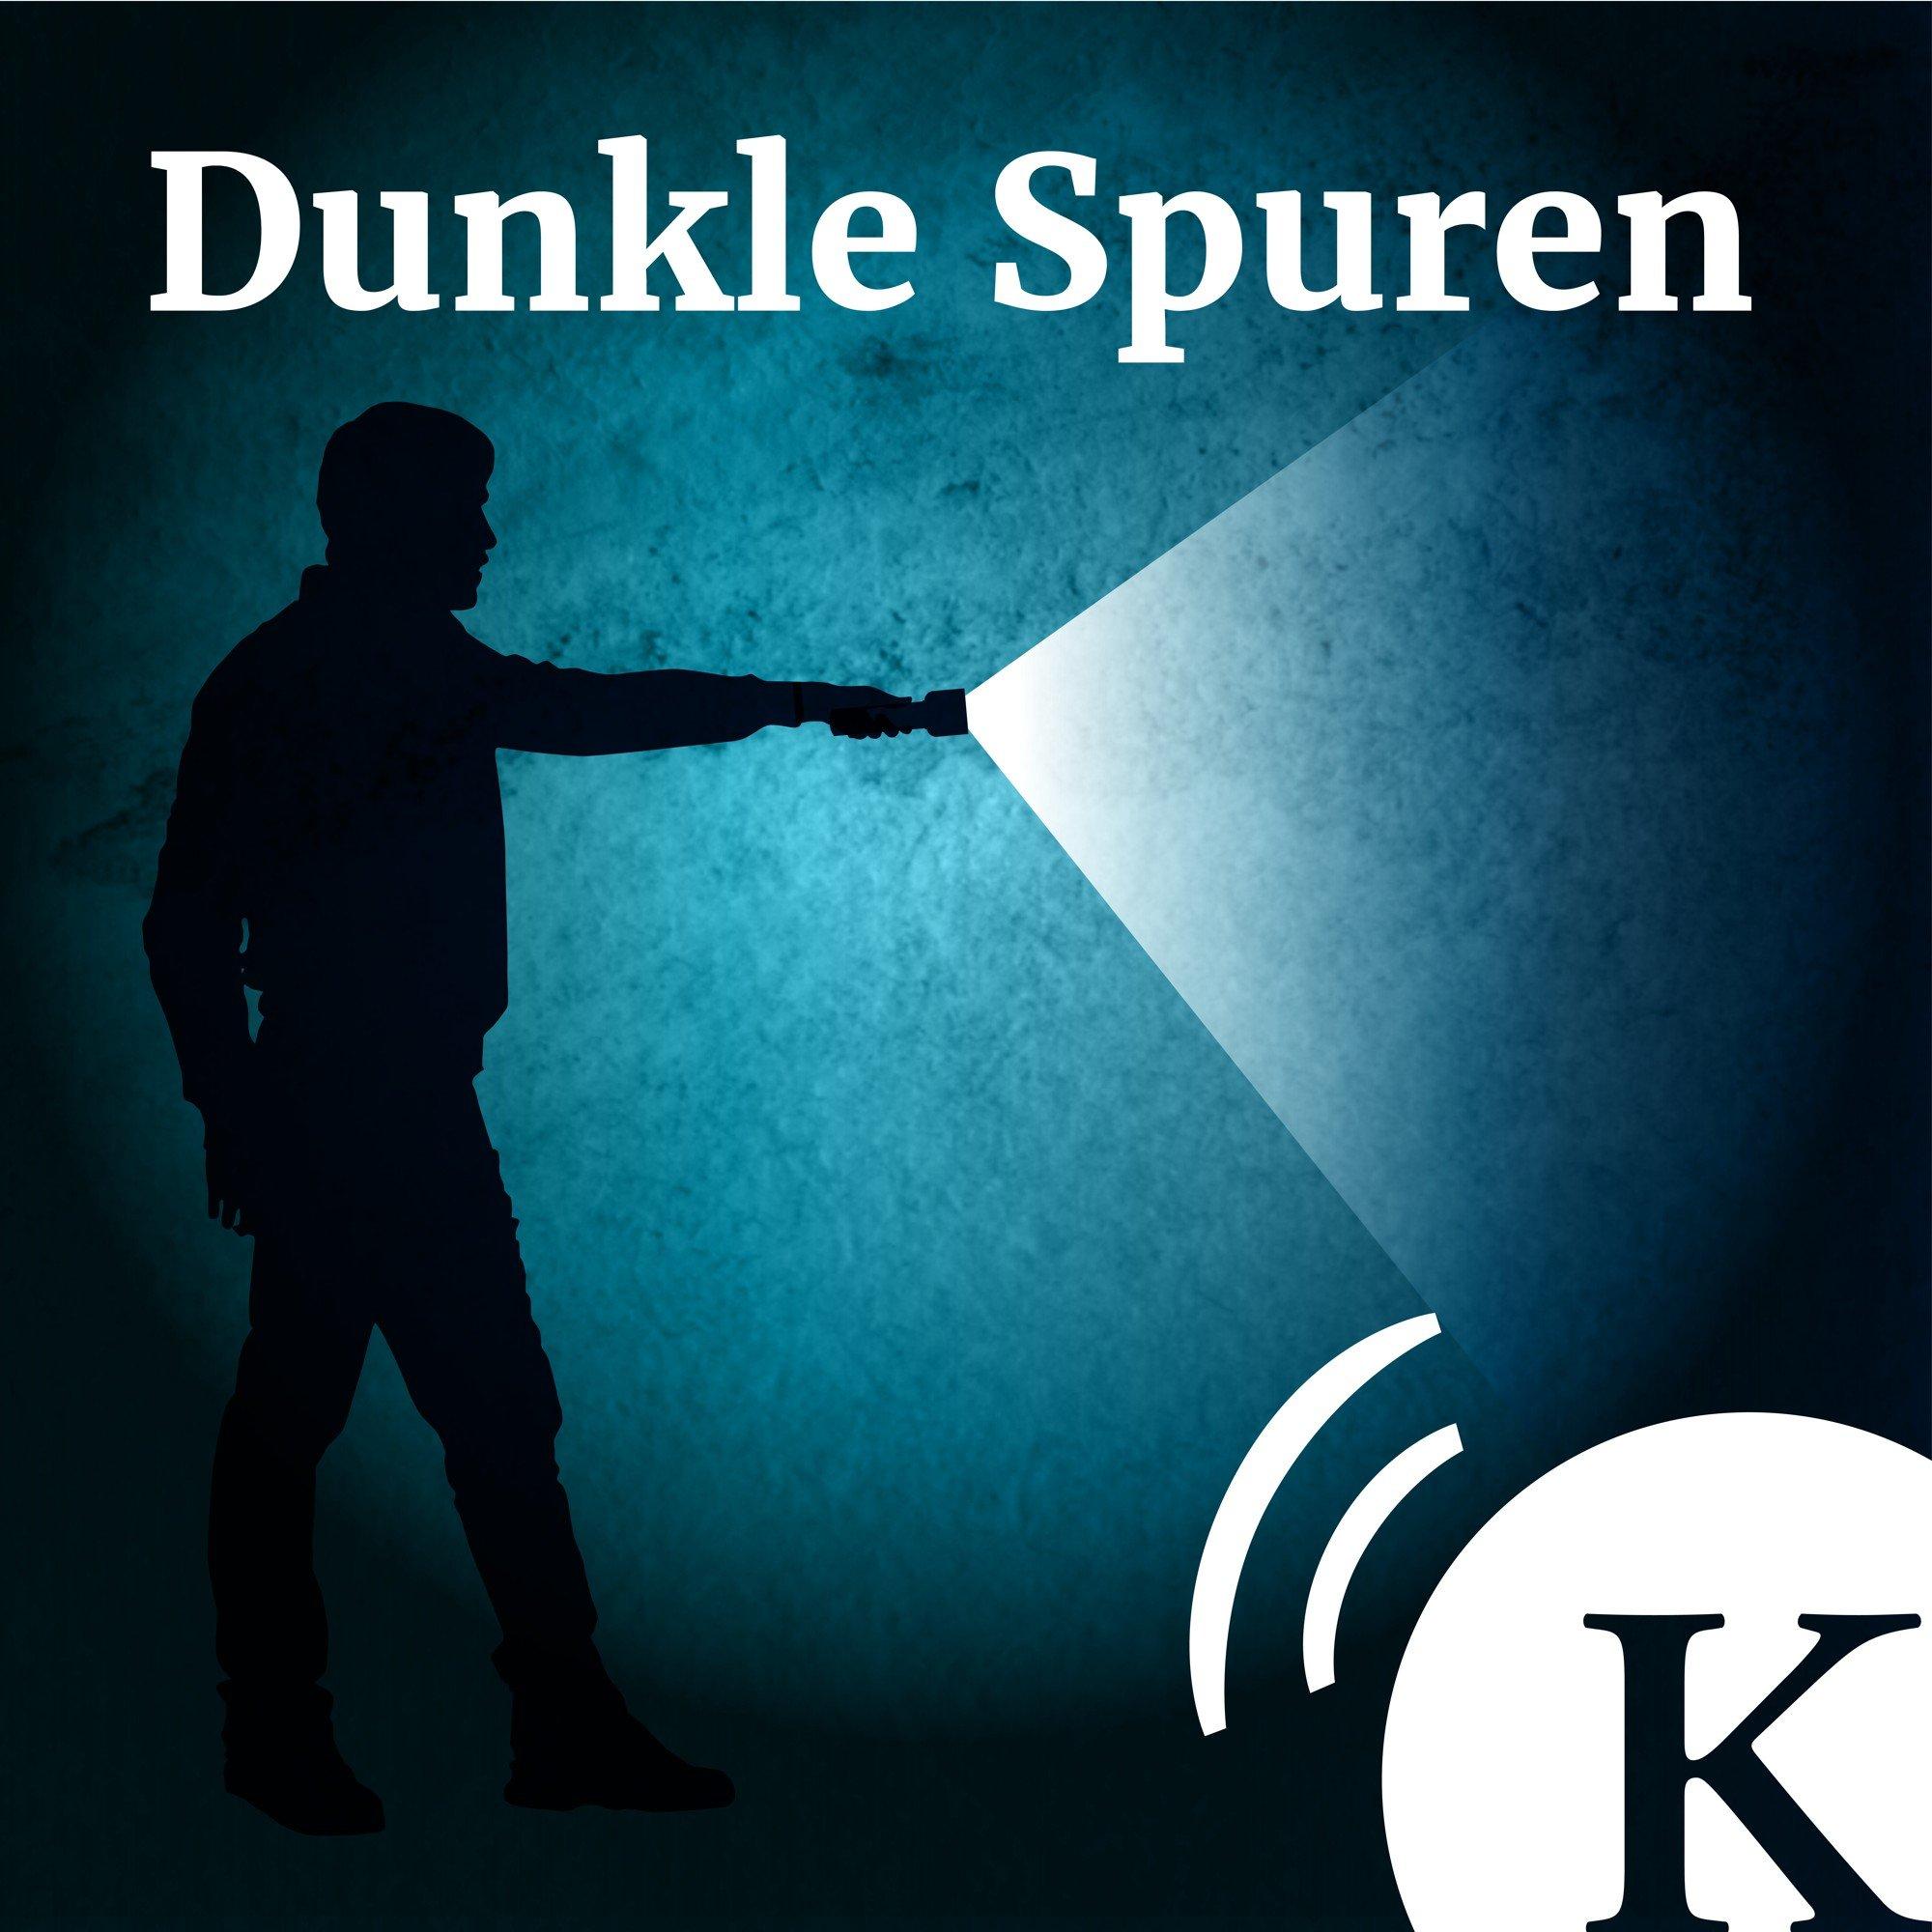 dunkle spuren podcast